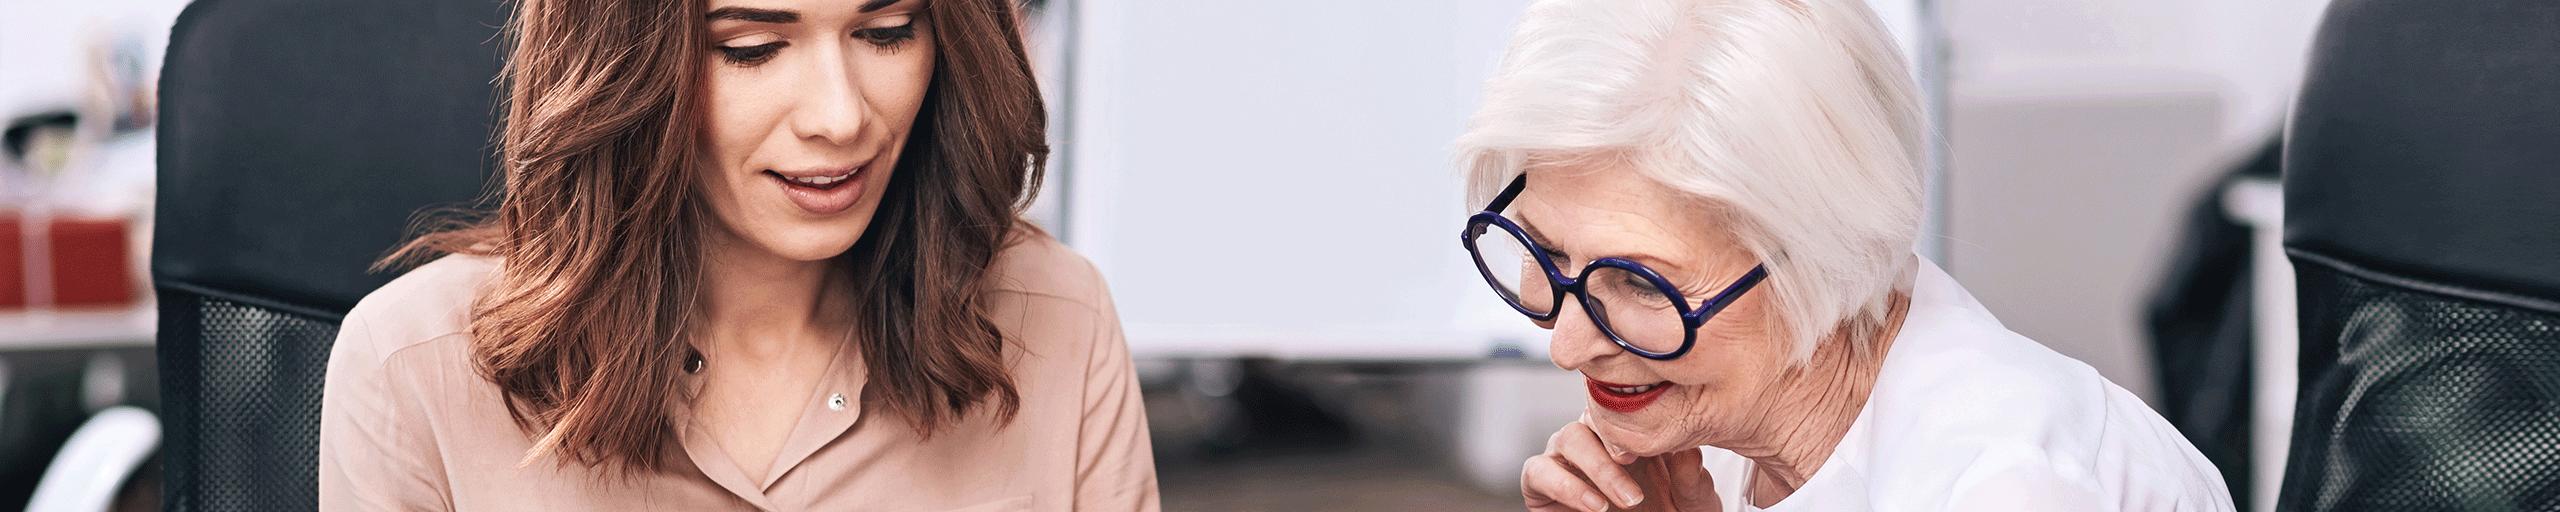 Eine jüngere und ältere Geschäftsfrau besprechen das Projekt